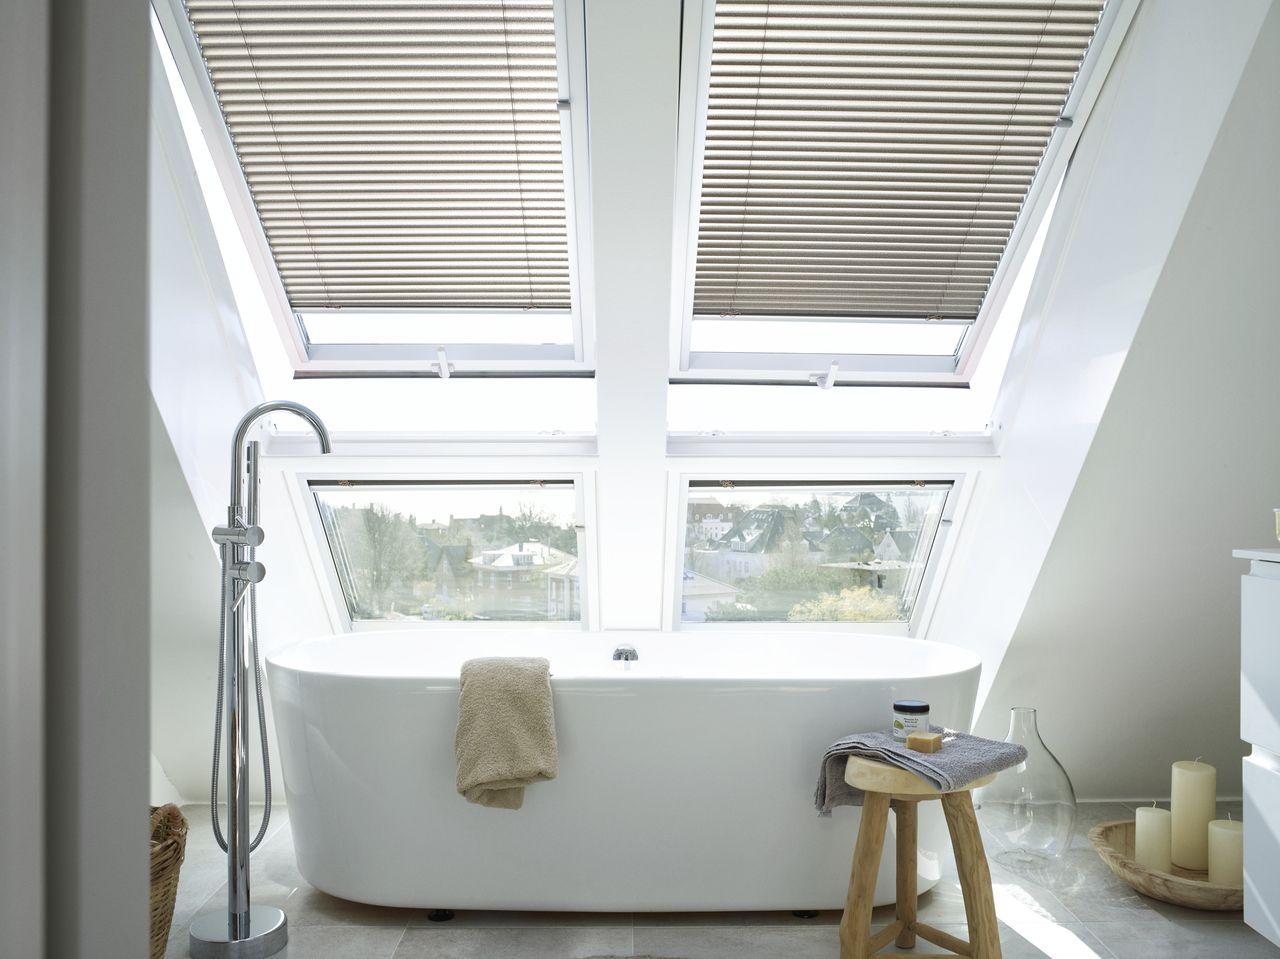 Einfach Mal Ungestort Ein Bad Einlassen Und Entspannen Badezimmer Dachschrage Badezimmer Renovierungen Dachfenster